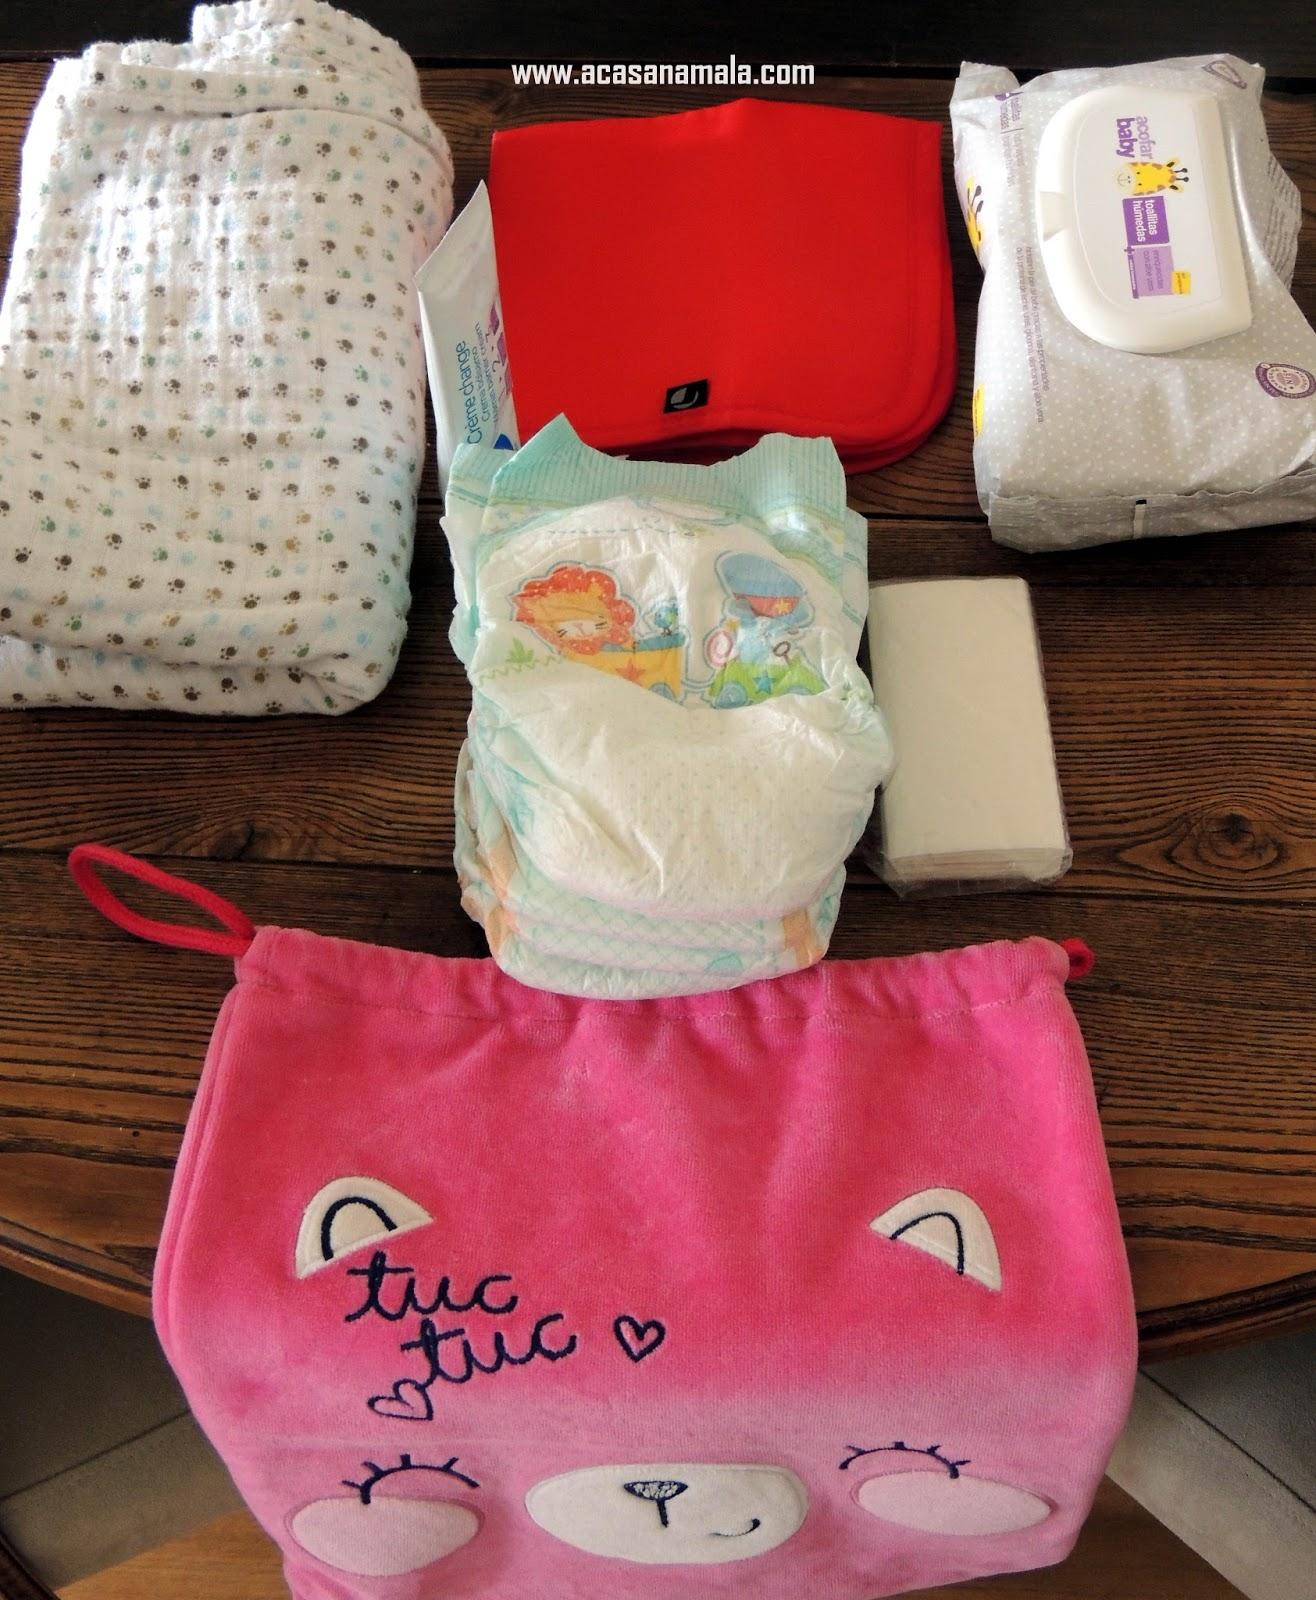 Itens para Facilitar a Viagem de Avião com Bebê A Casa na Mala #AE1D27 1316x1600 Banheiro De Avião